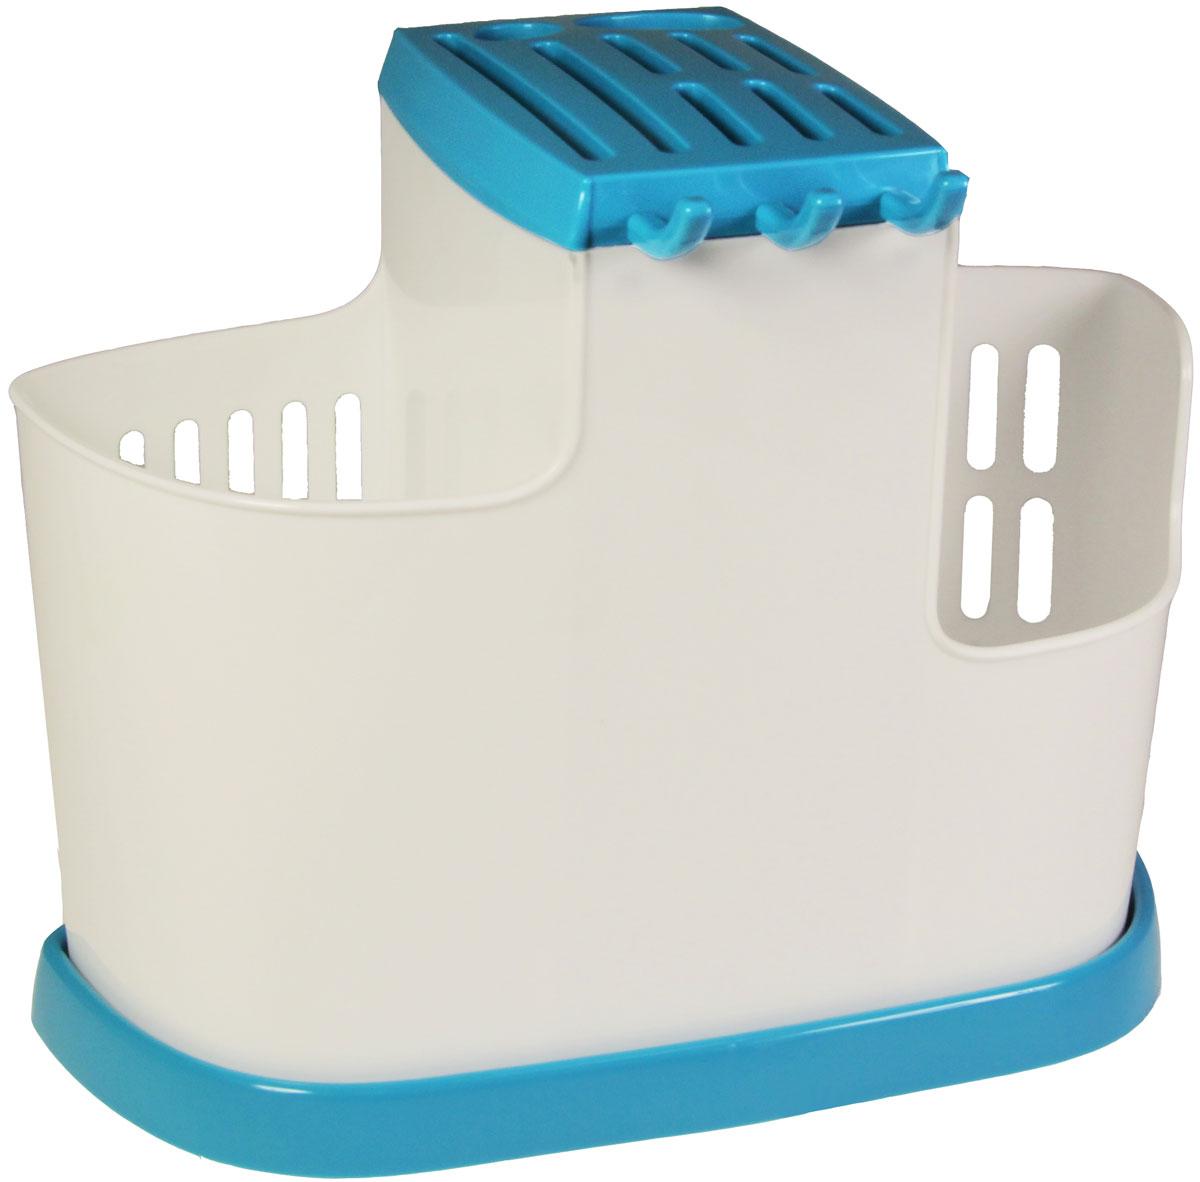 Органайзер кухонный Idea, цвет: бирюзовый, 19 х 25 х 14,5 см органайзер для специй idea цвет белый 6 х 16 х 16 см